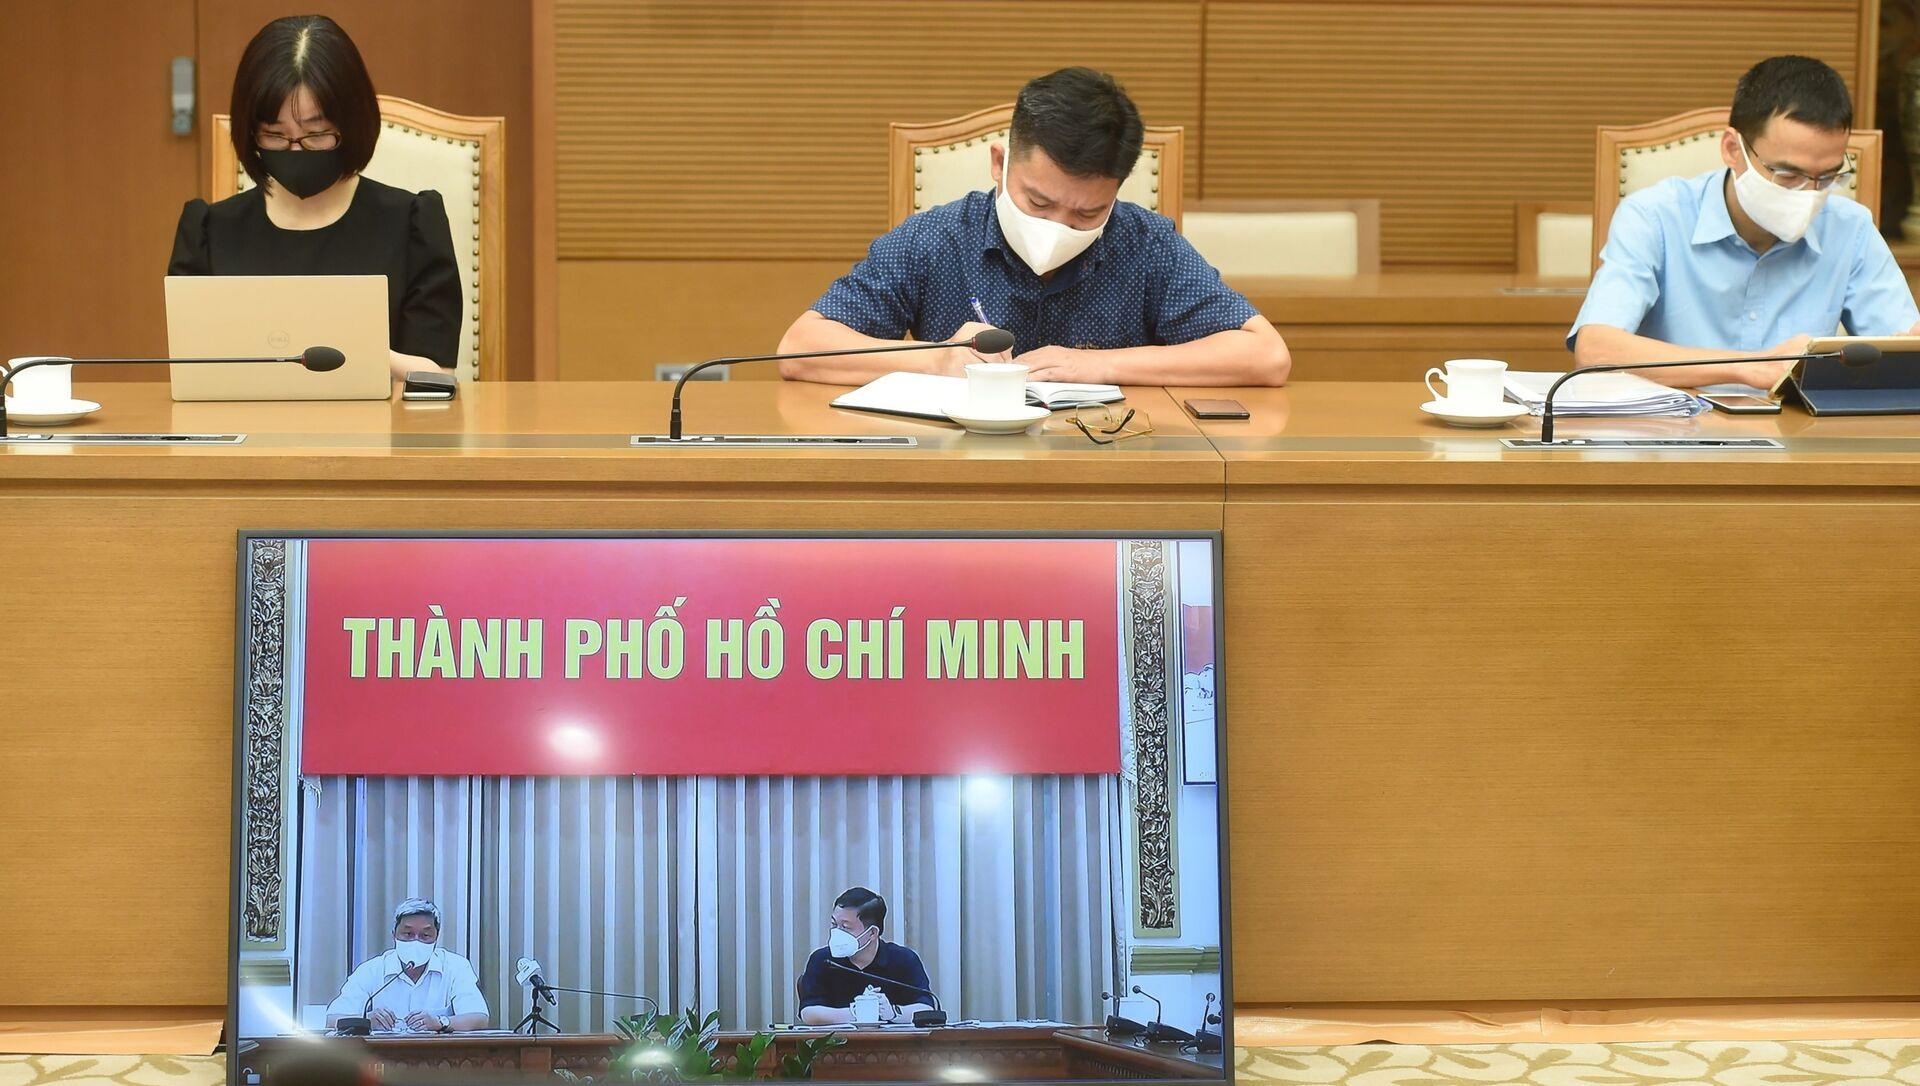 Điểm cầu trực tuyến từ Thành phố Hồ Chí Minh tại cuộc họp với Phó Thủ tướng Vũ Đức Đam - Sputnik Việt Nam, 1920, 18.06.2021